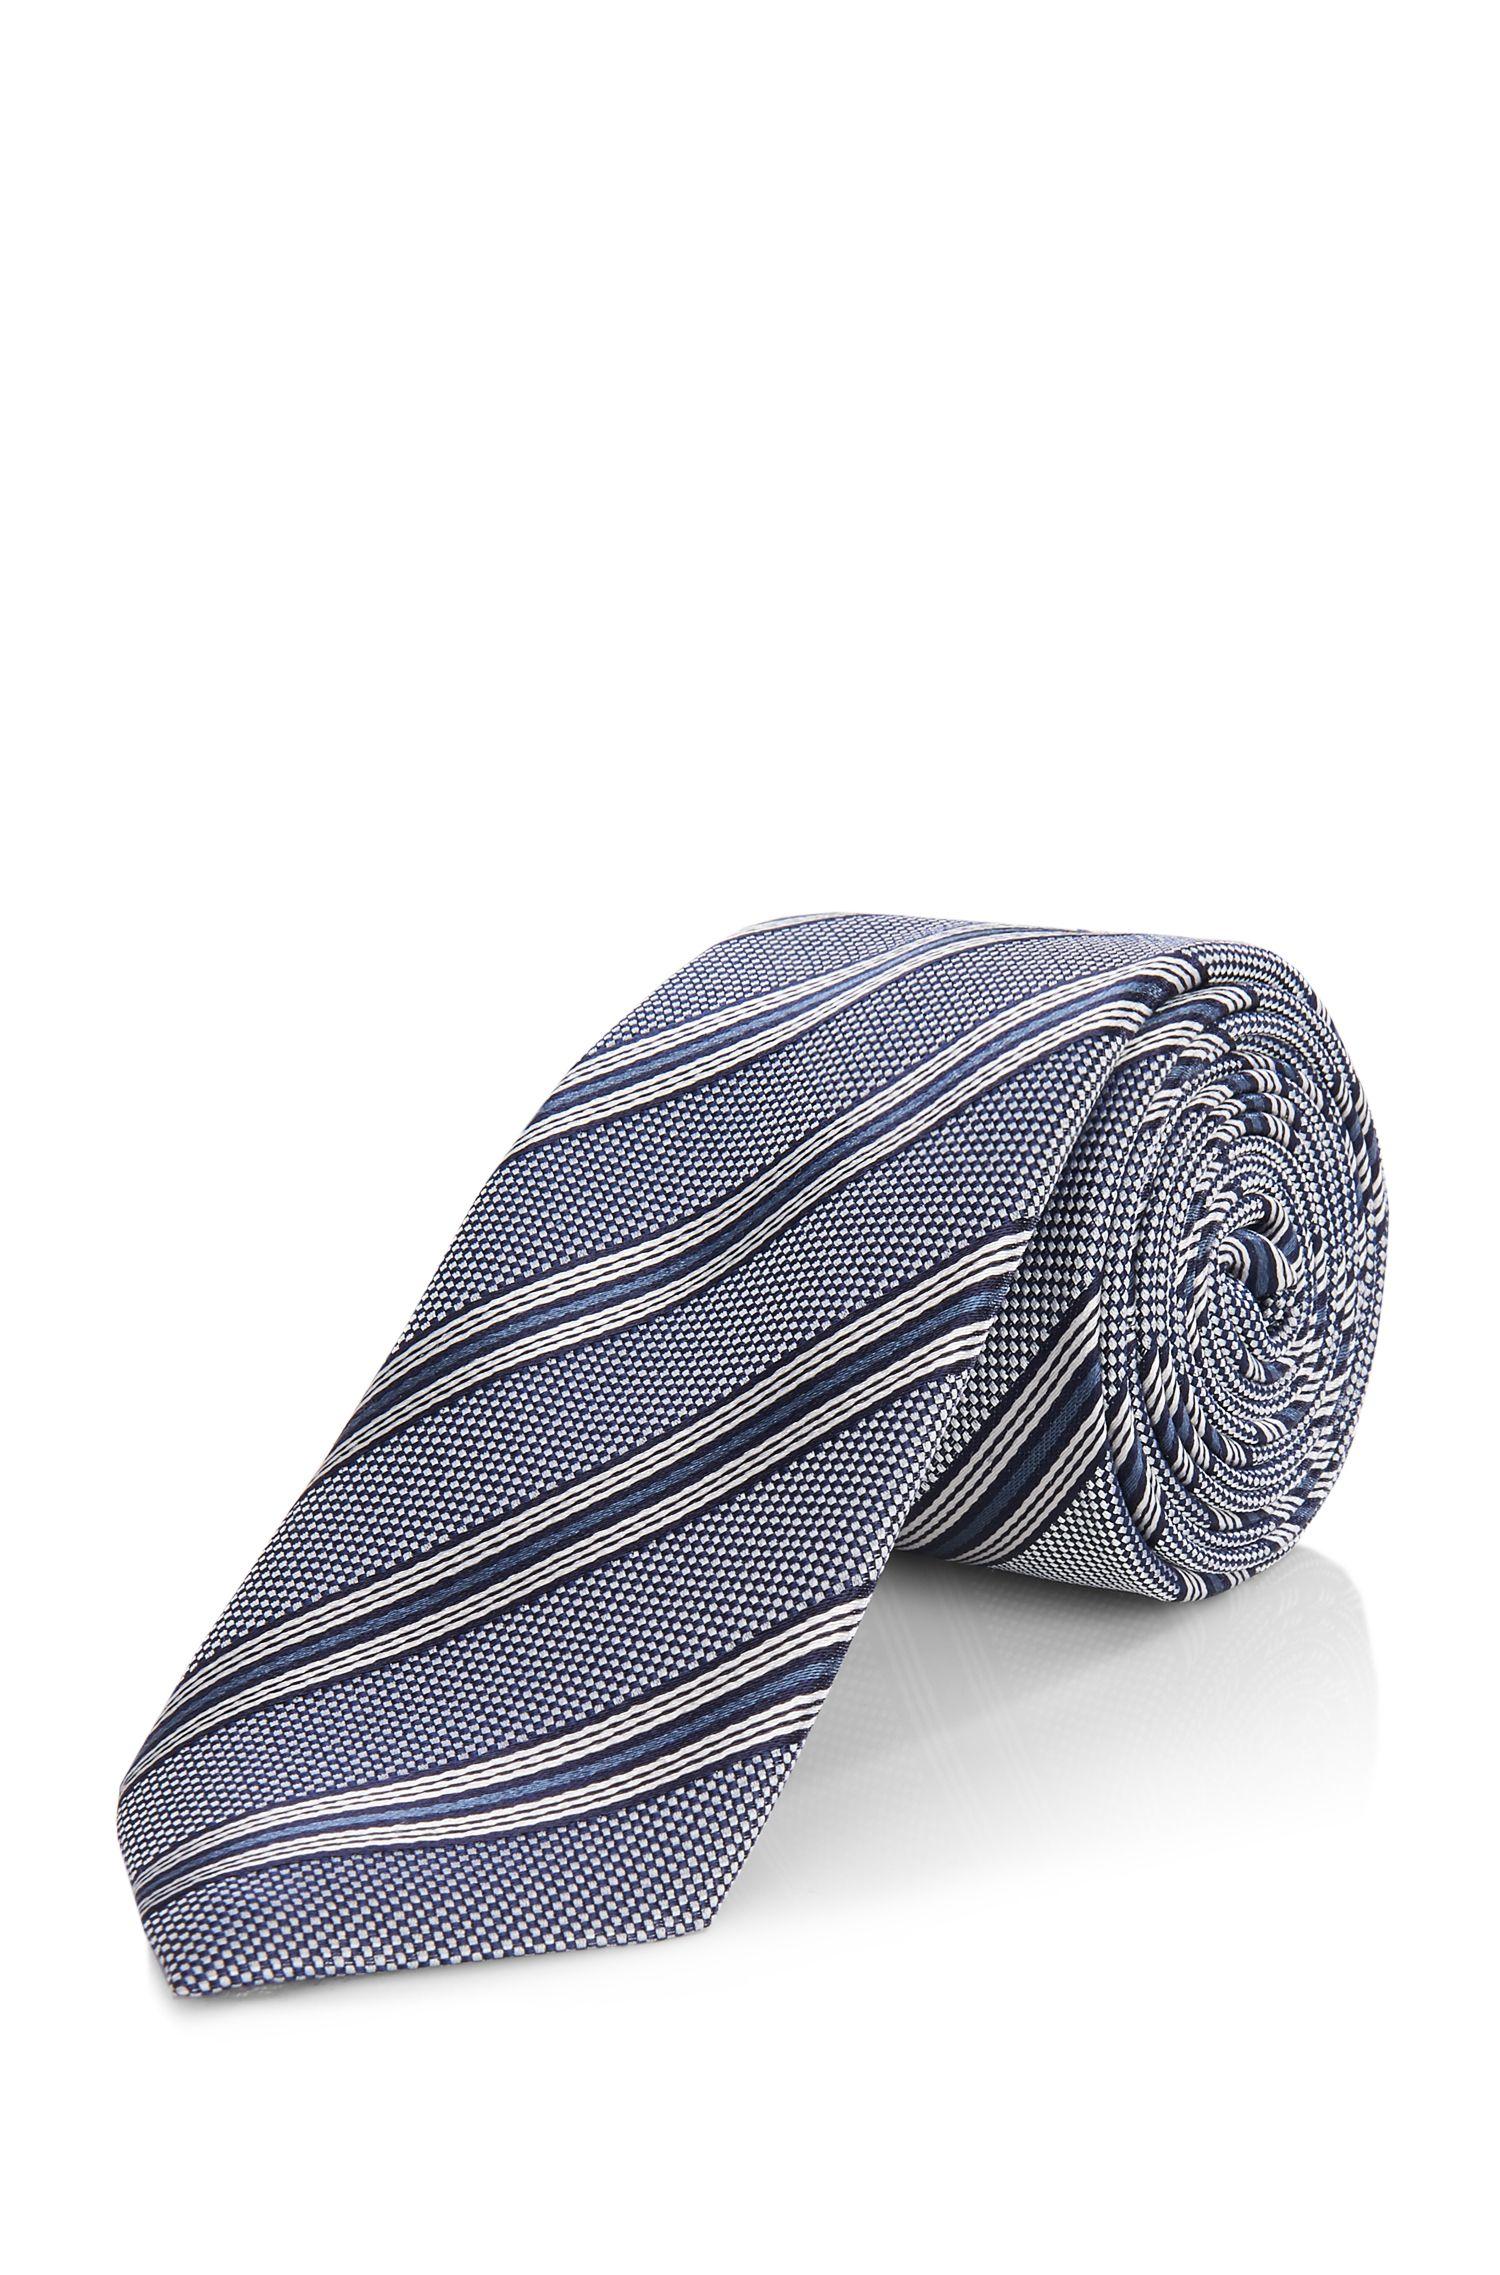 'Tie 6 cm' | Slim, Silk Patterned Tie